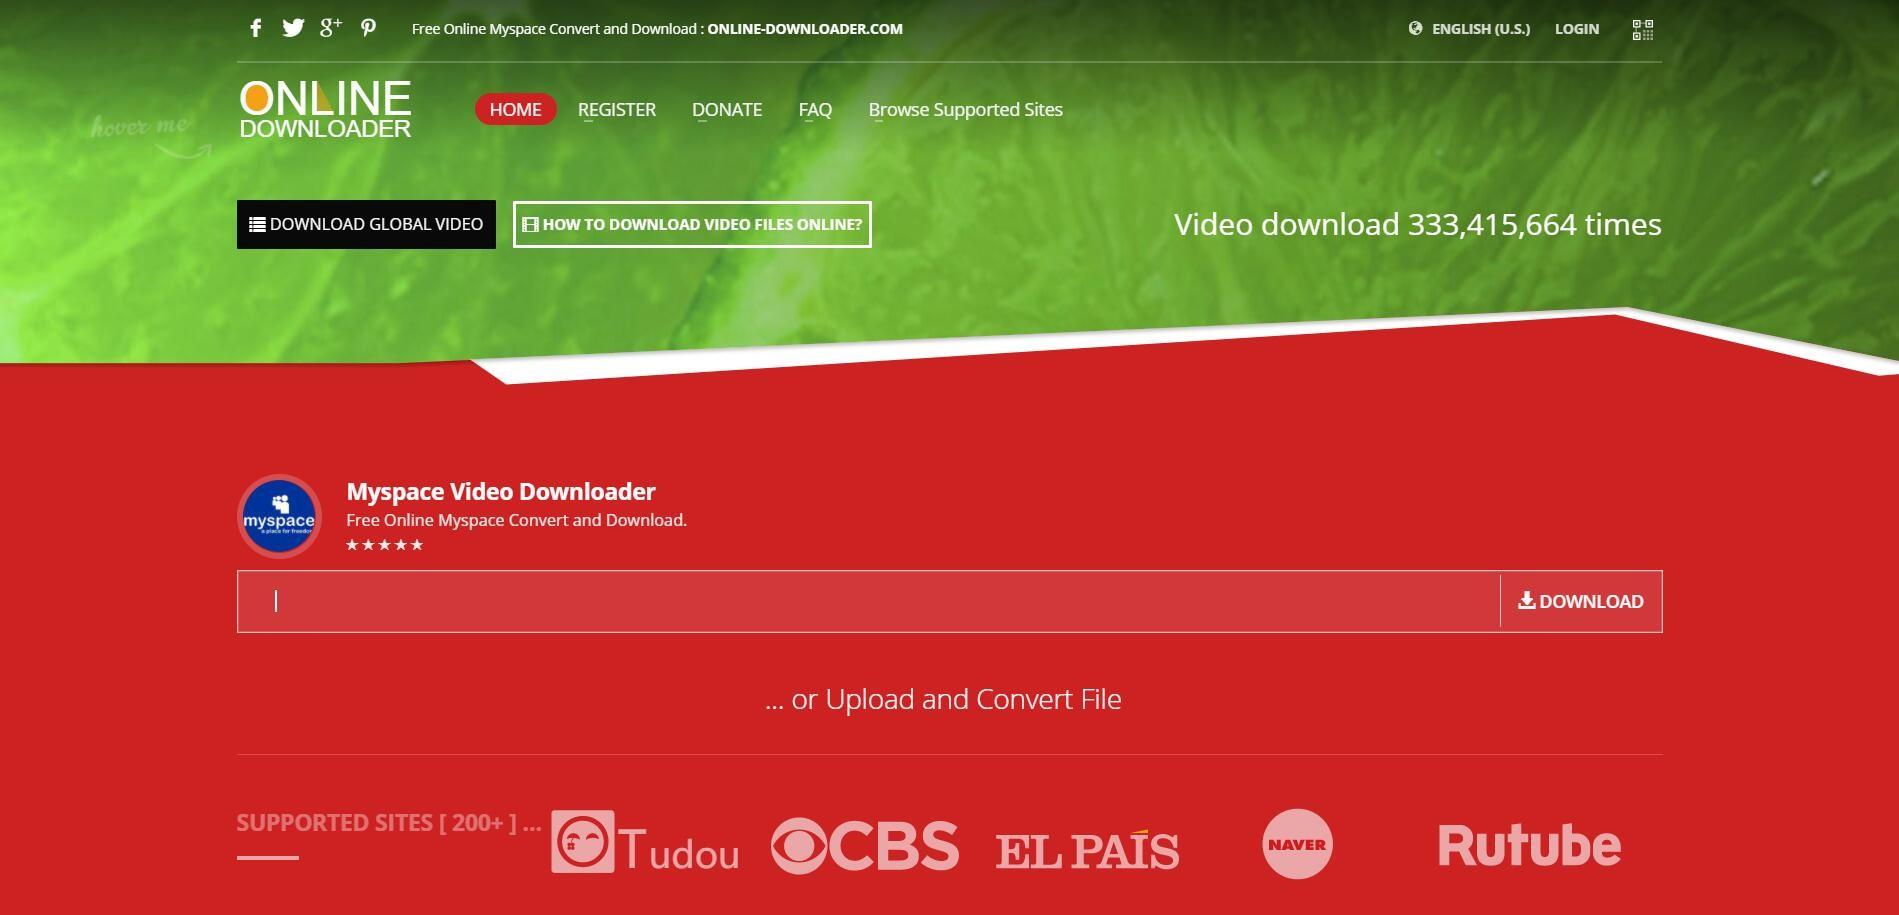 Online-Downloader-4